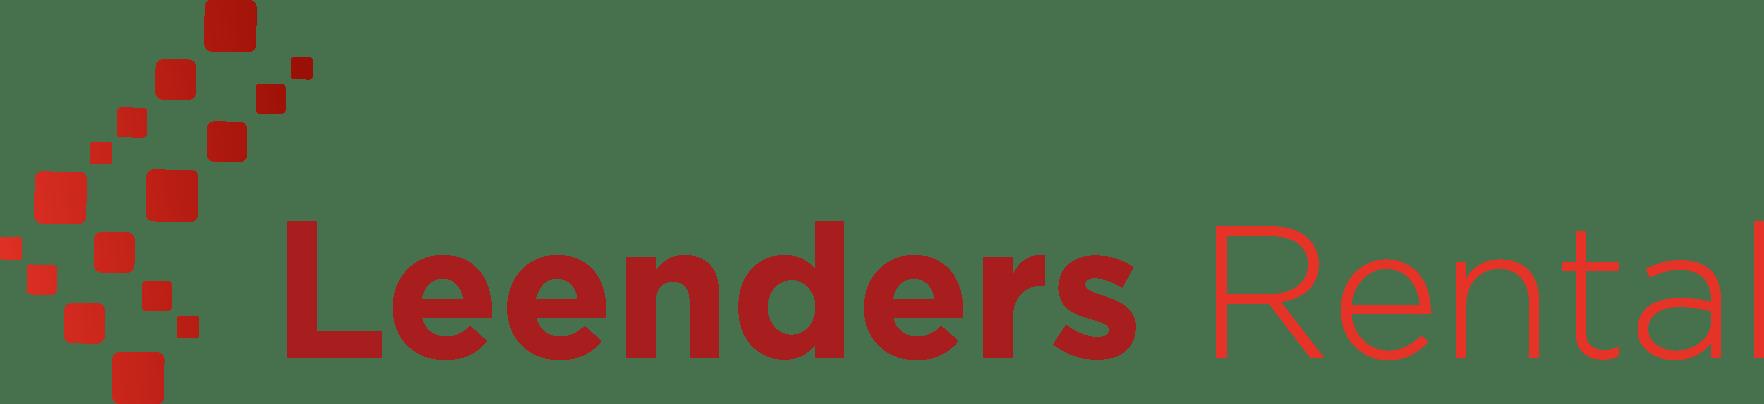 Leenders Rental